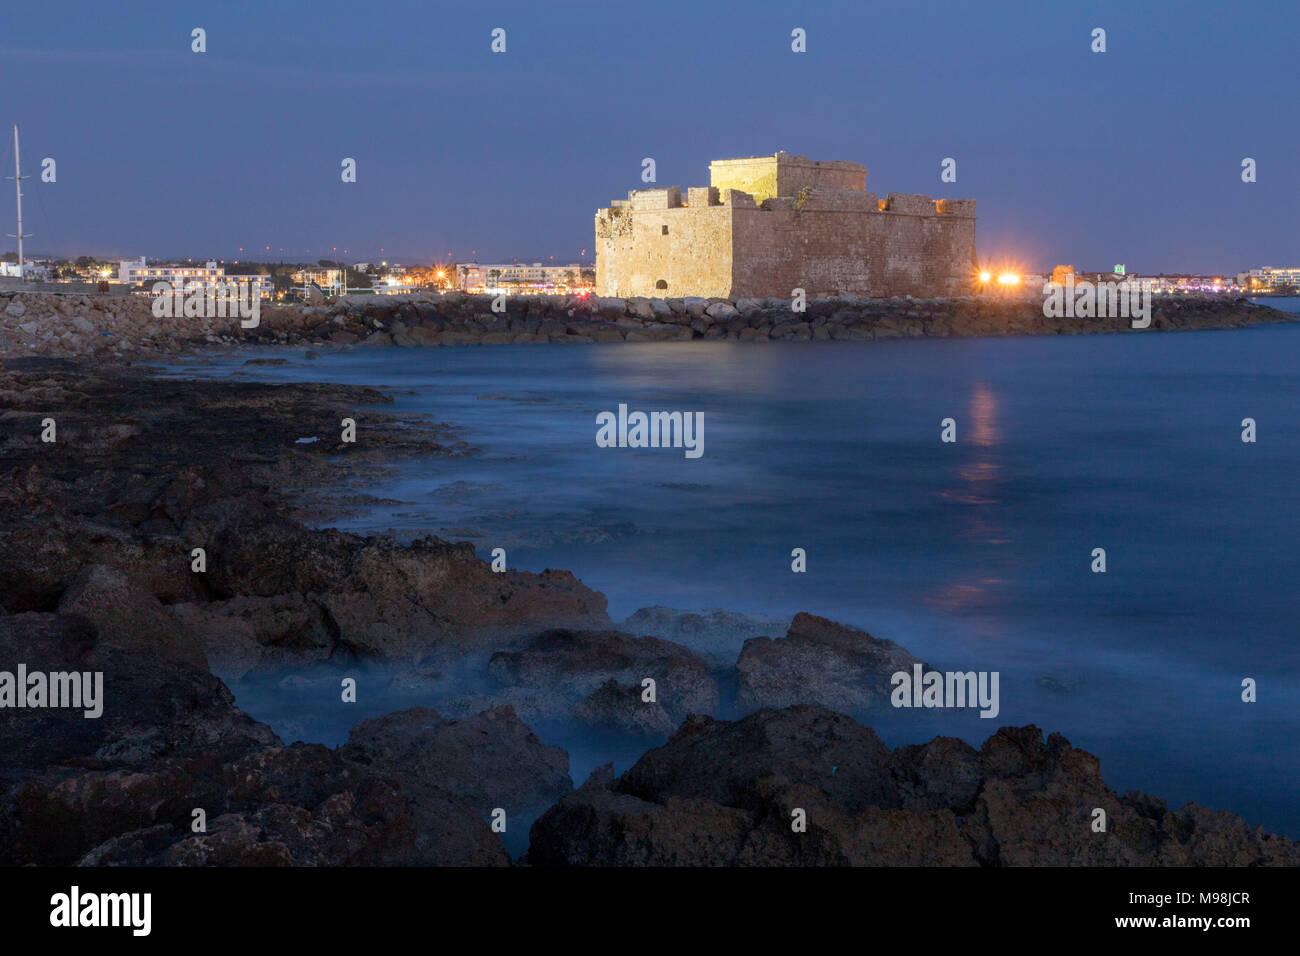 Il castello di Pafo / fort in Kato Paphos porto sulla costa mediterranea di Paphos, Cipro, Mediterraneo, Europa Foto Stock